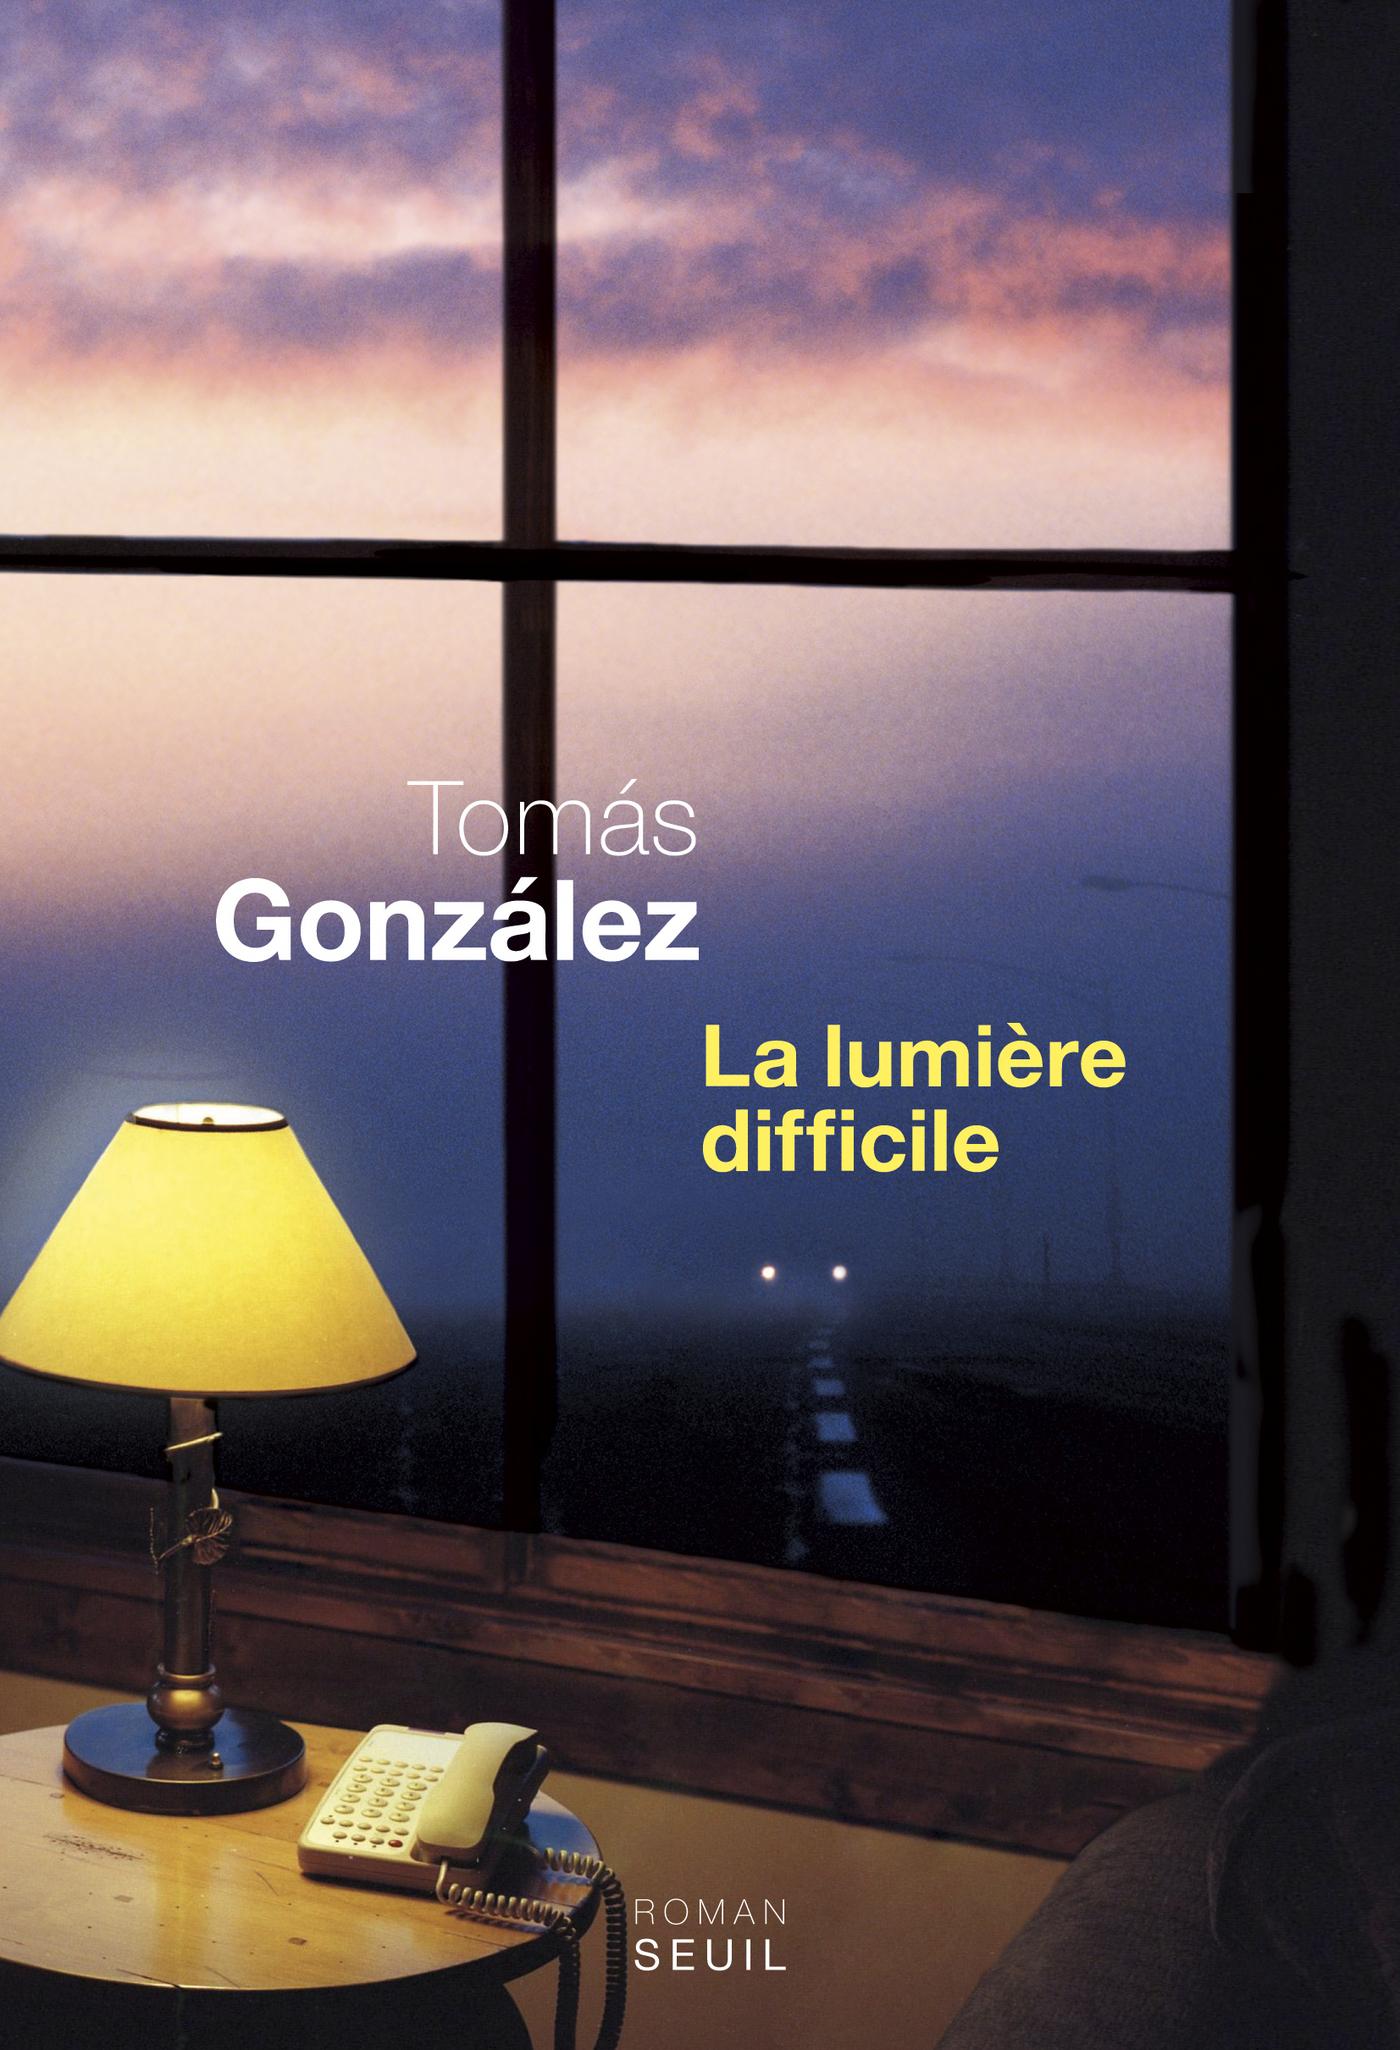 La Lumière difficile